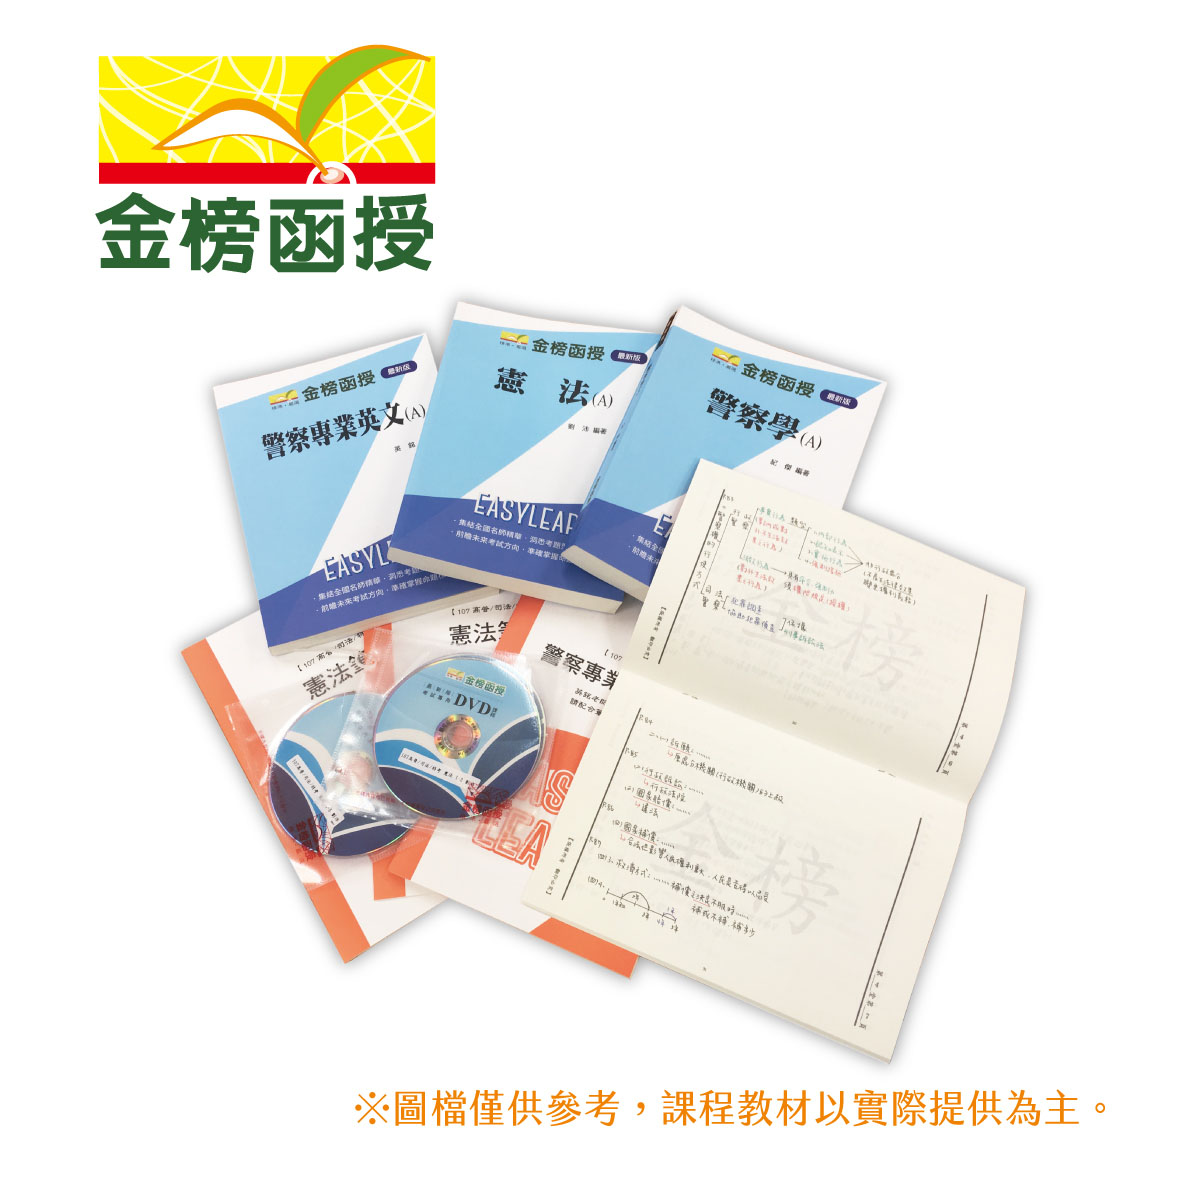 107金榜函授/地方特考/四等/全套/劳工行政/DVD/专业科目